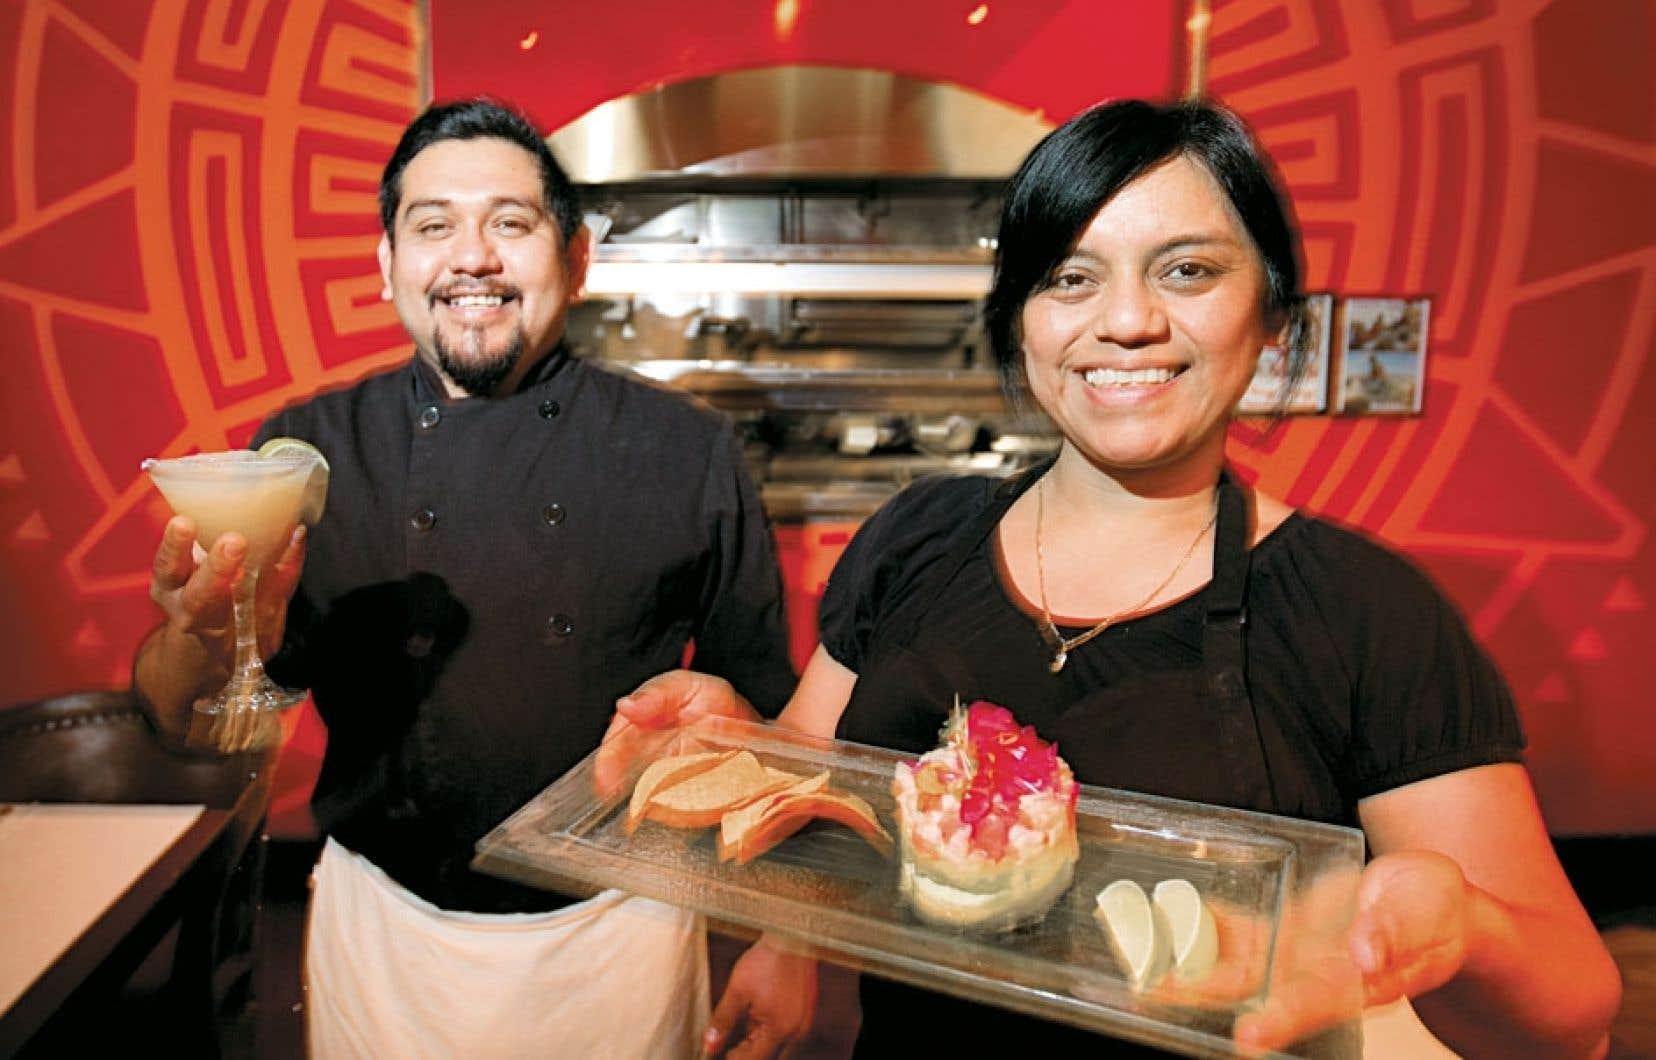 Au Limon, à Montréal, l'ambiance est chaleureuse. Les cuistots d'origine mexicaine Javier et Bertha préparent d'authentiques classiques de leur pays, en plus de quelques recettes régionales.